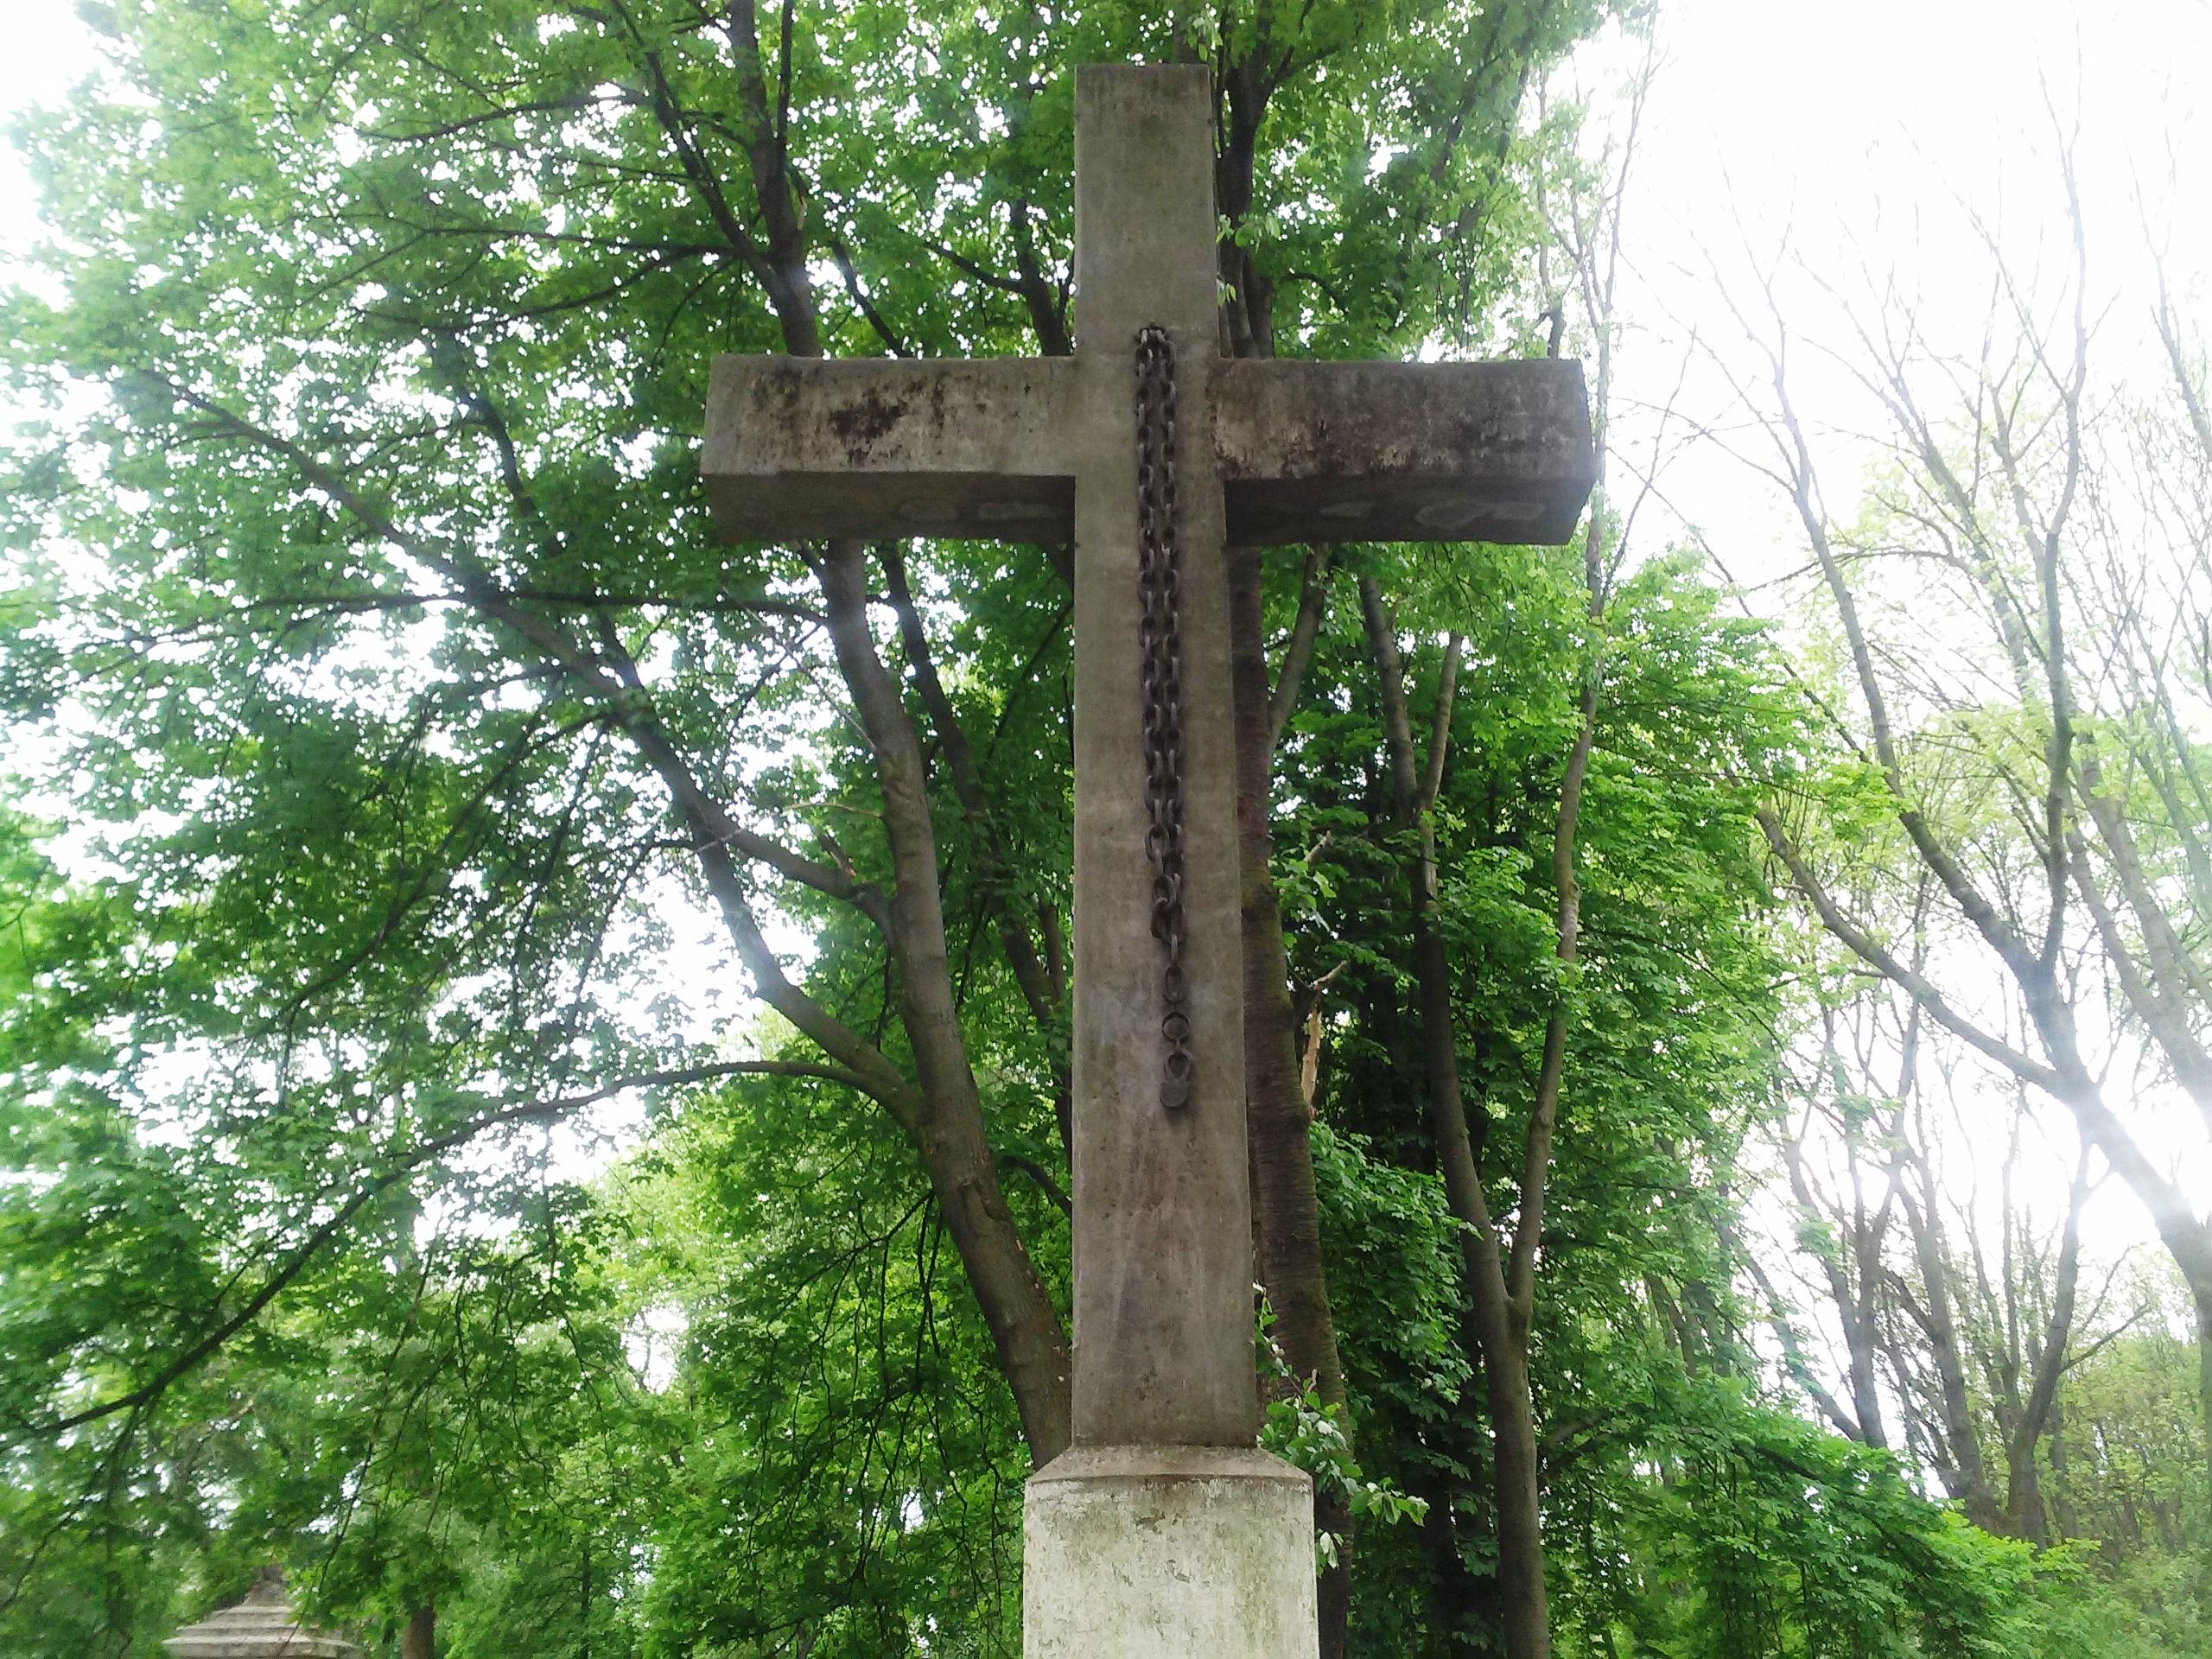 пам'ятник полякам інтернованих у 1918-1919 роках м. Колимия